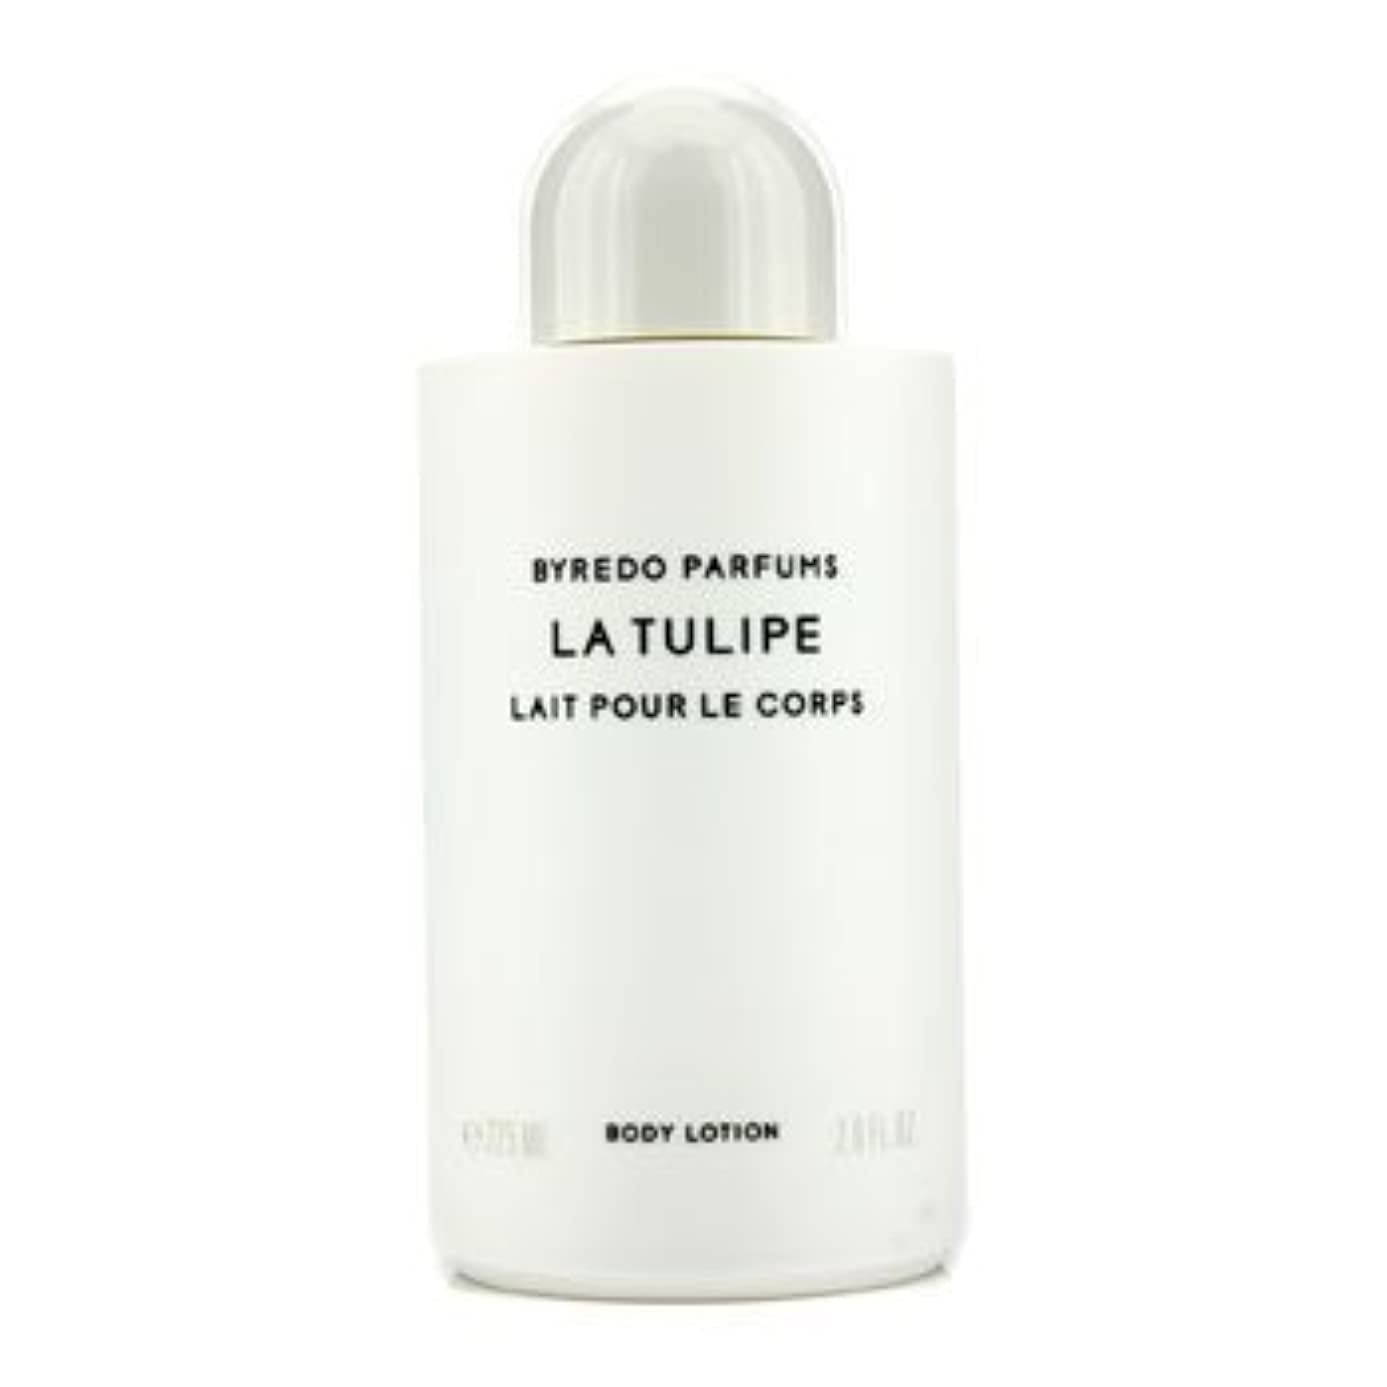 タンザニアミケランジェロオープニングByredo La Tulipe Body Lotion For Women 225Ml/7.6Oz by Byredo [並行輸入品]